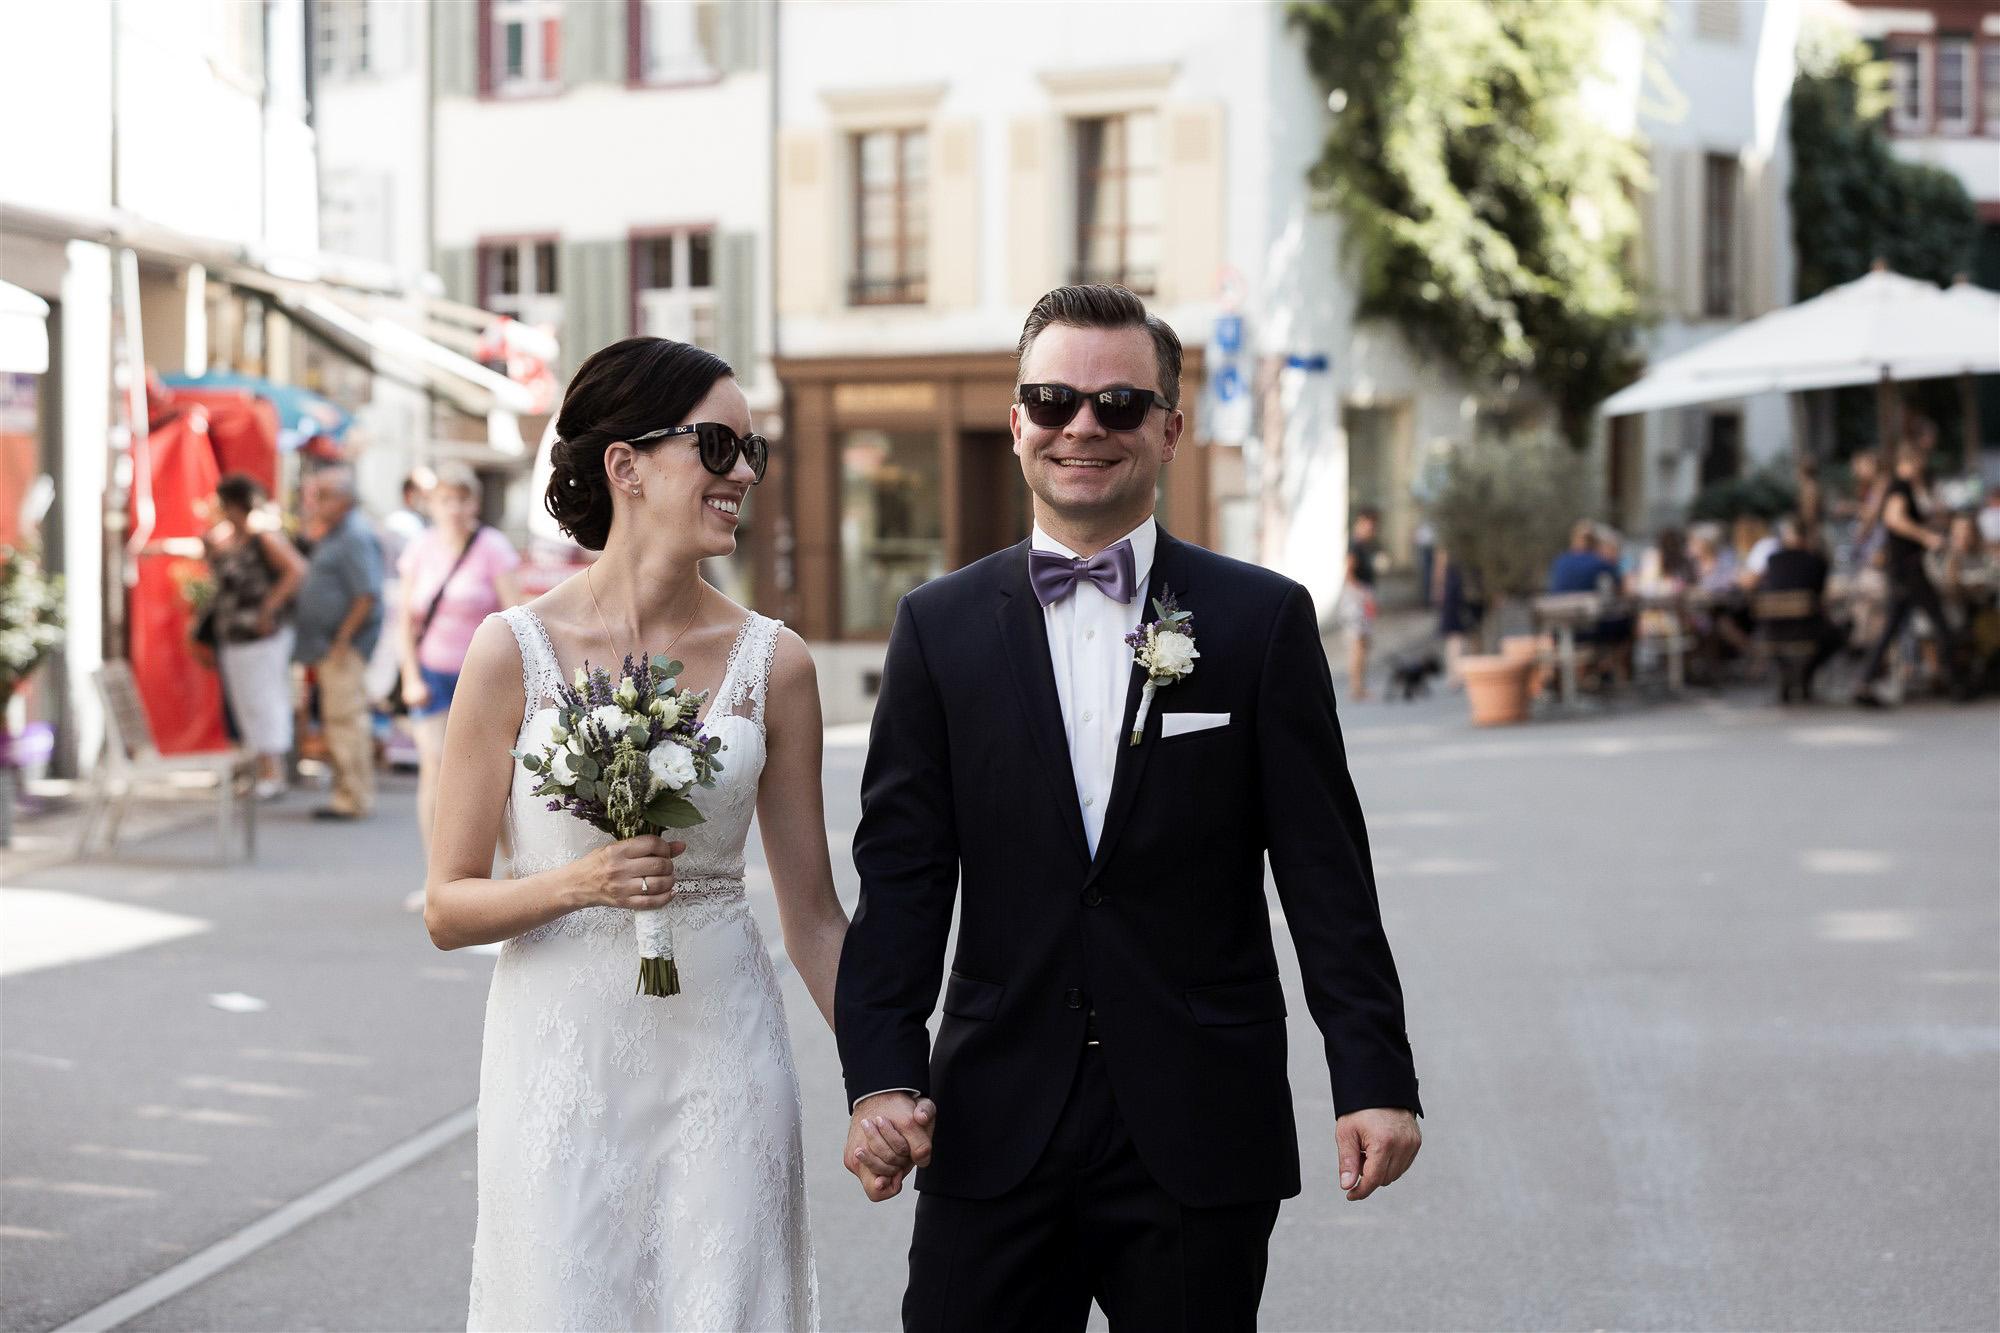 Hochzeit in Basel - Brautpaar Fotoshooting in den Gassen der Altstadt - Hochzeitsfotograf Nicole.Gallery